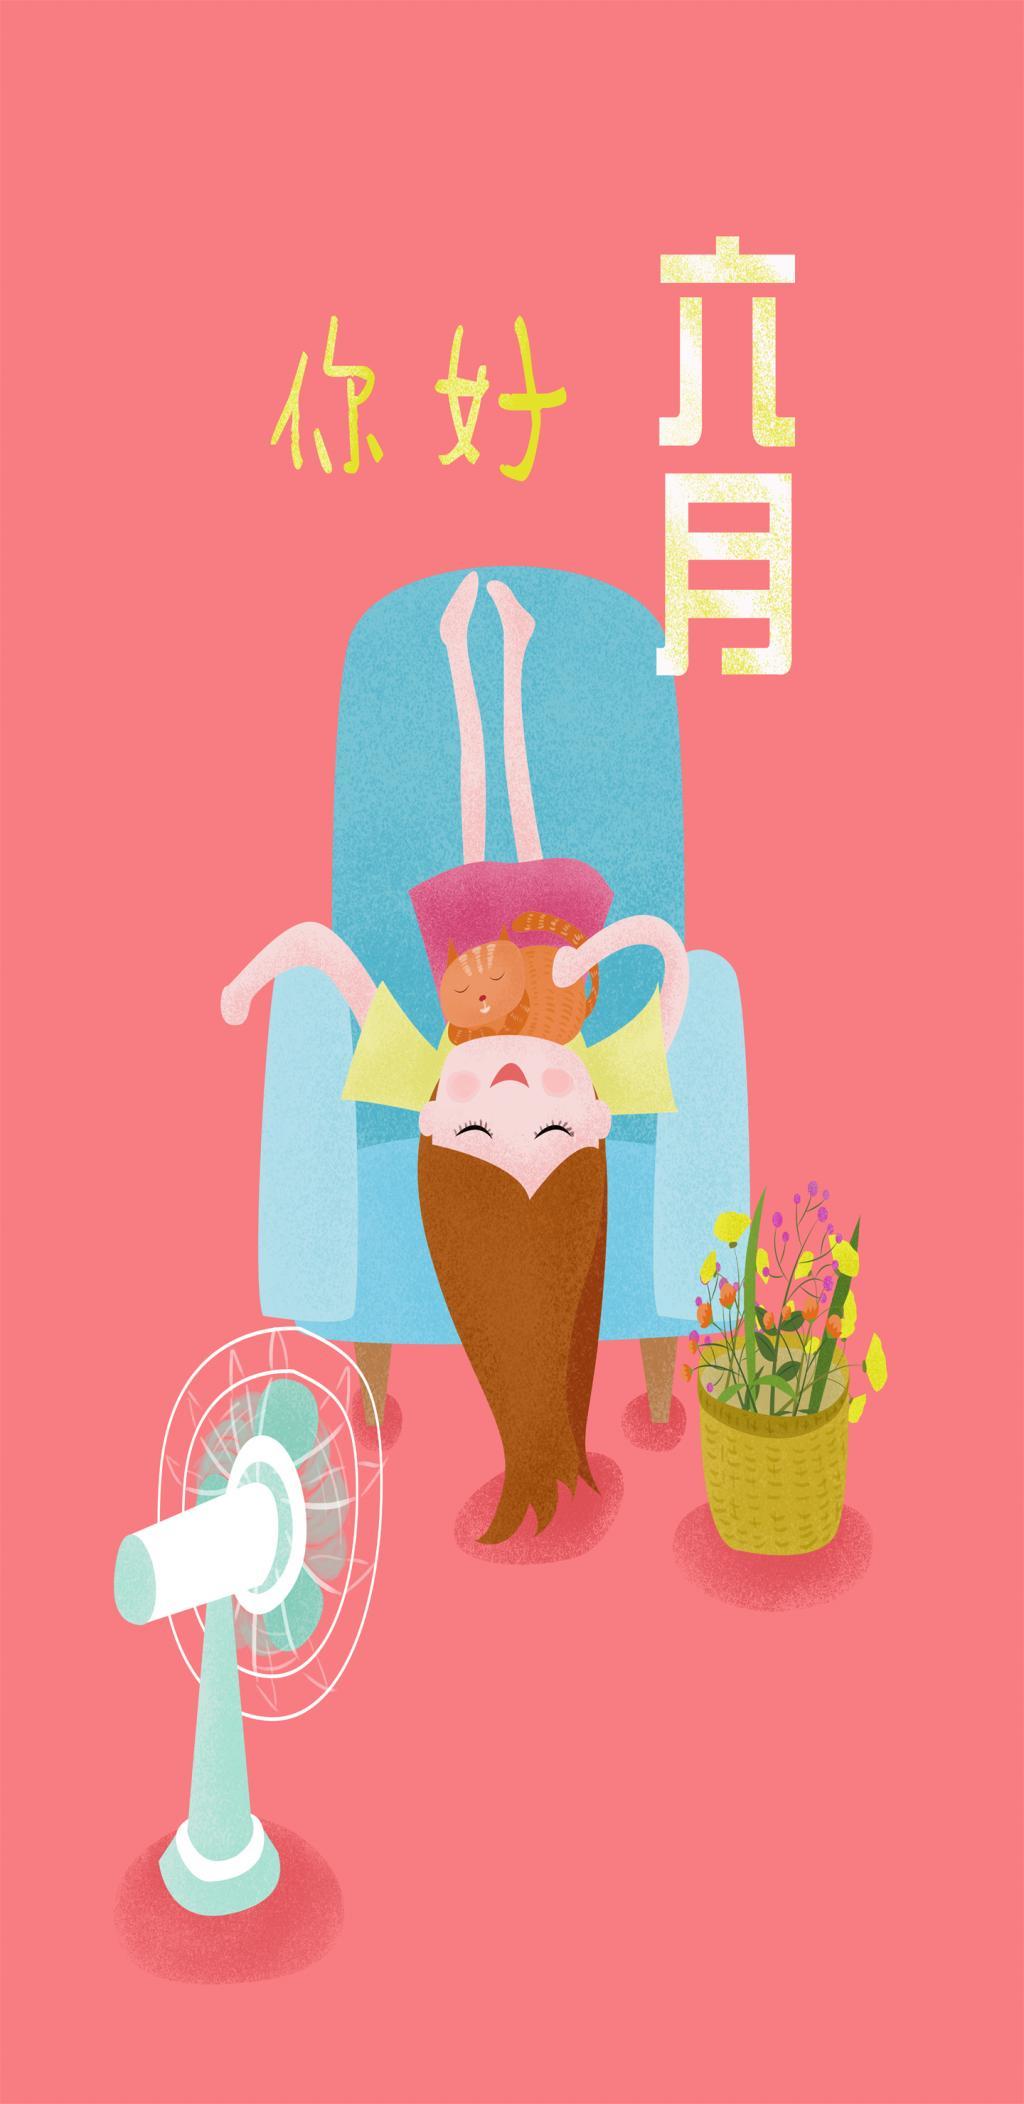 表情 你好六月手绘插画海报一个女孩在沙发上吹电风扇儿童绘本插画图书封面设计  表情